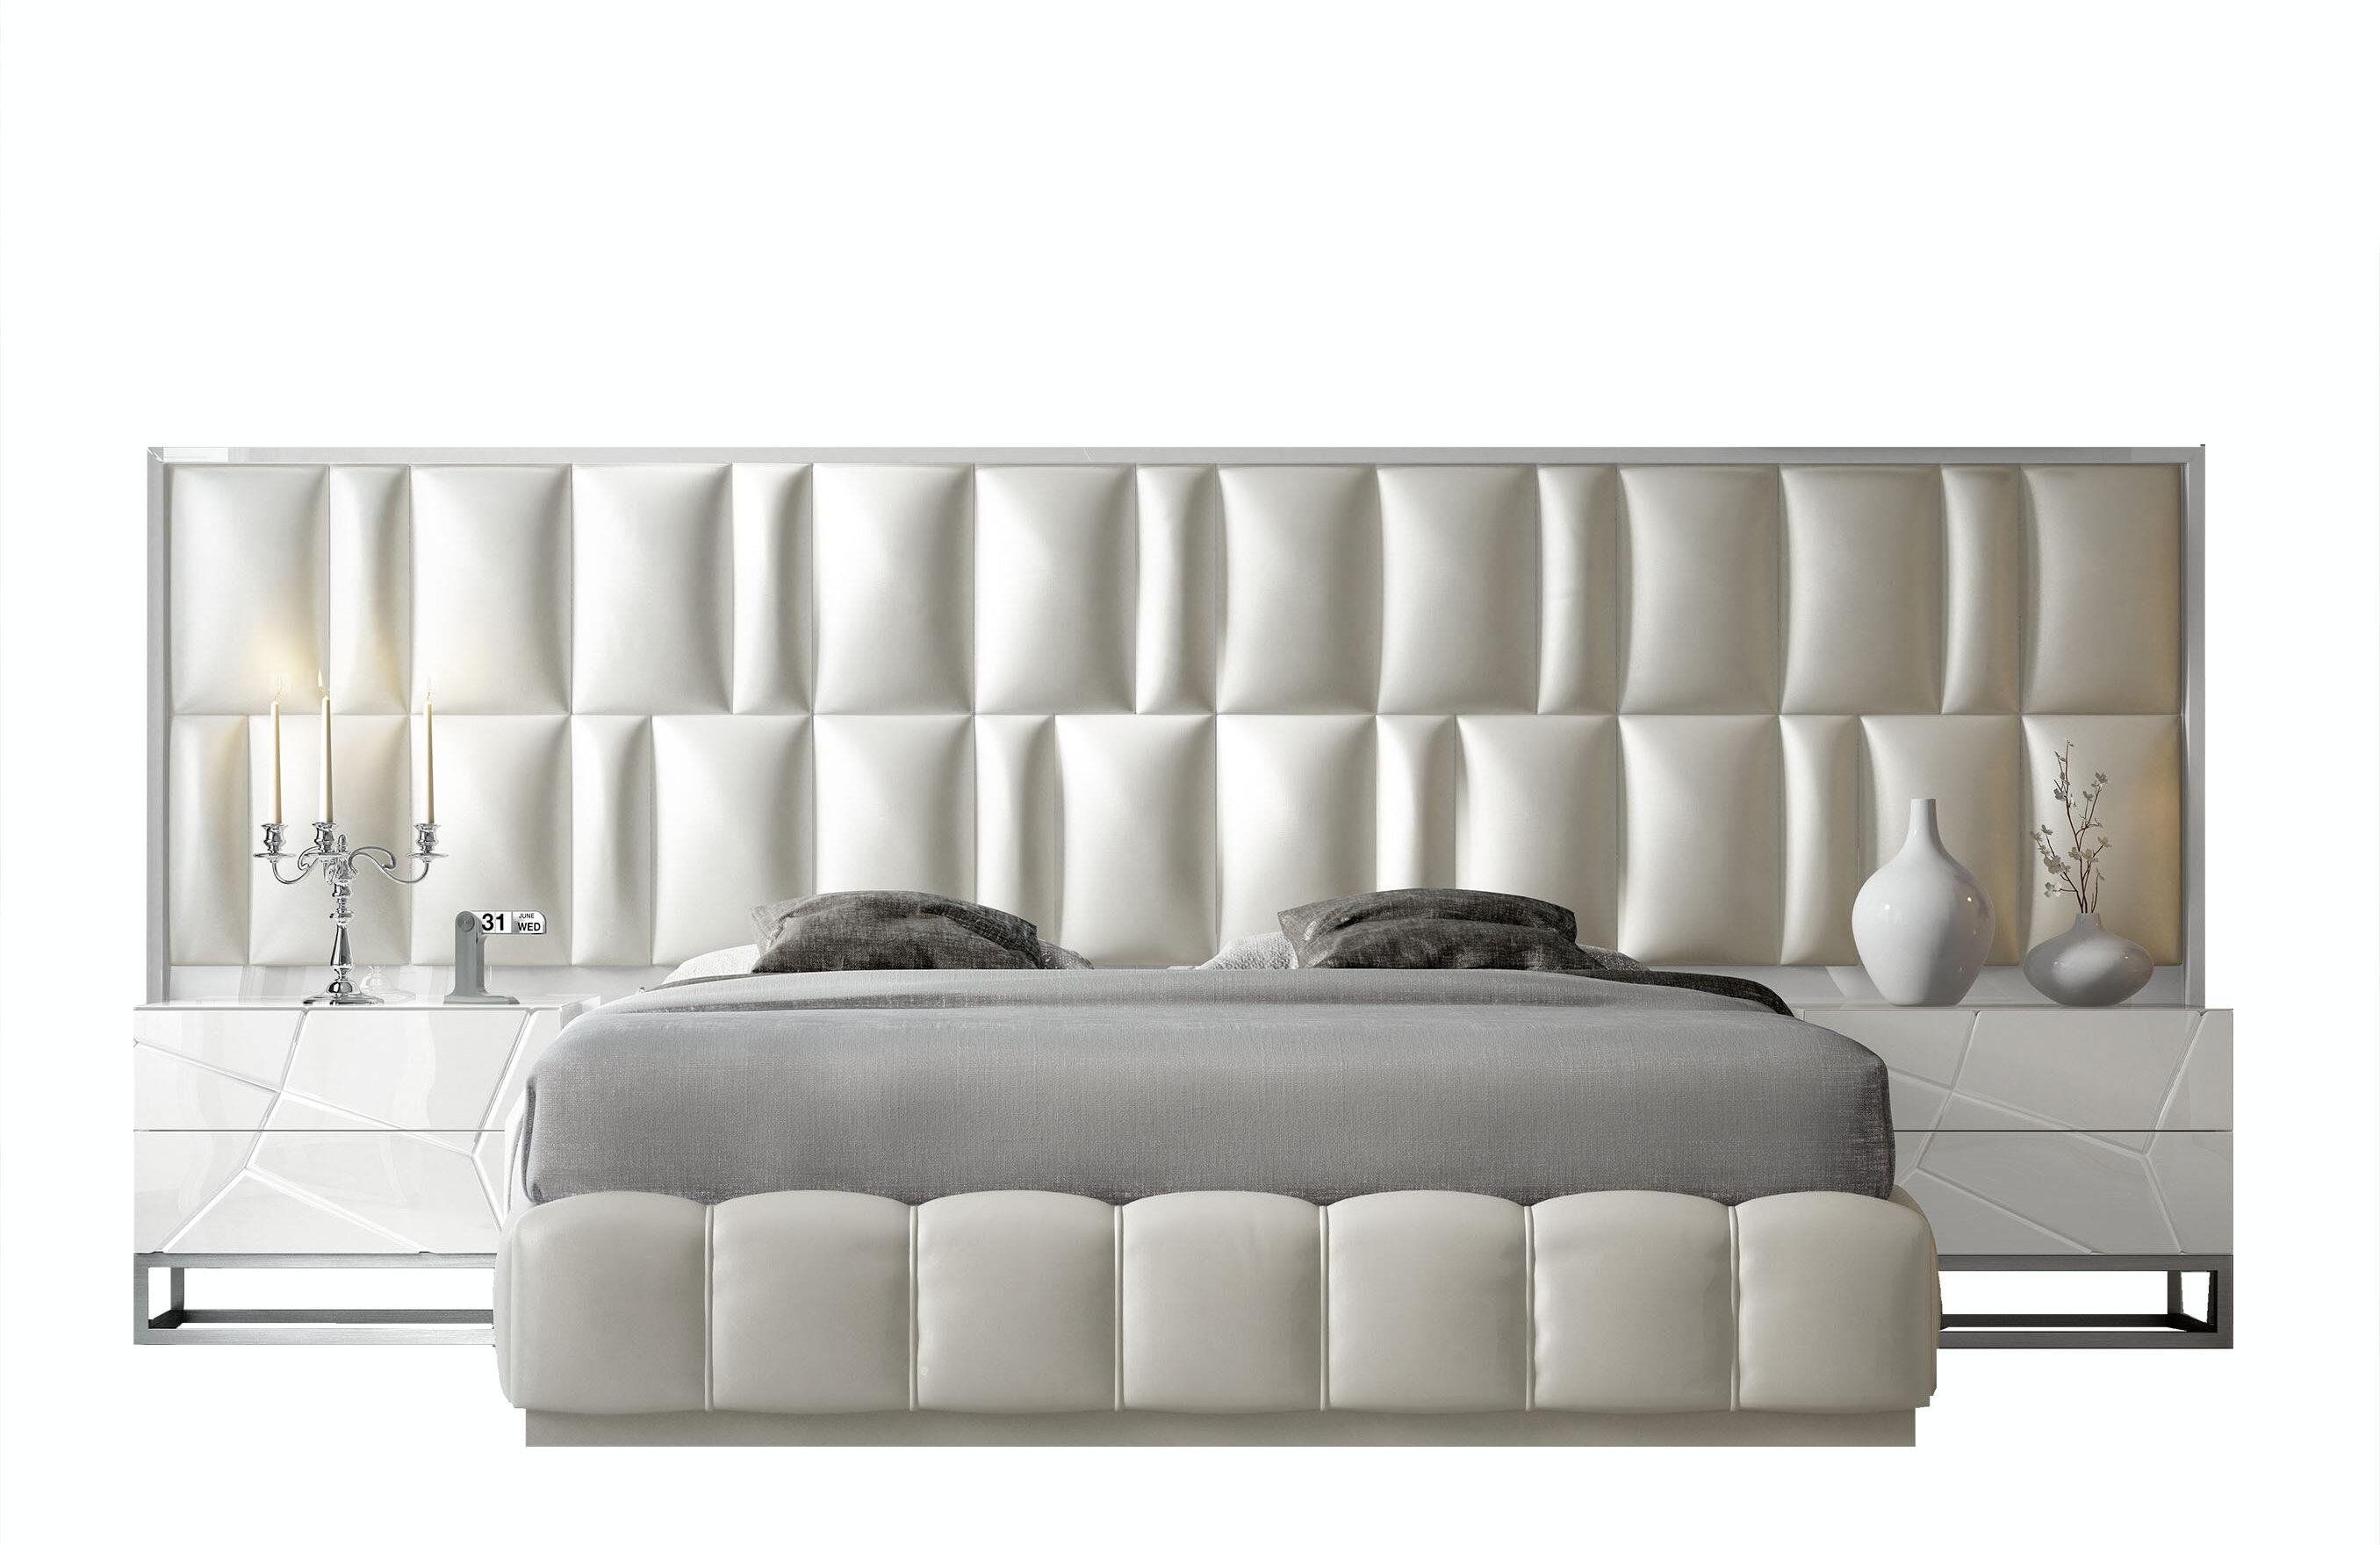 4 Piece Set Posh Luxe Bedroom Sets You Ll Love In 2021 Wayfair